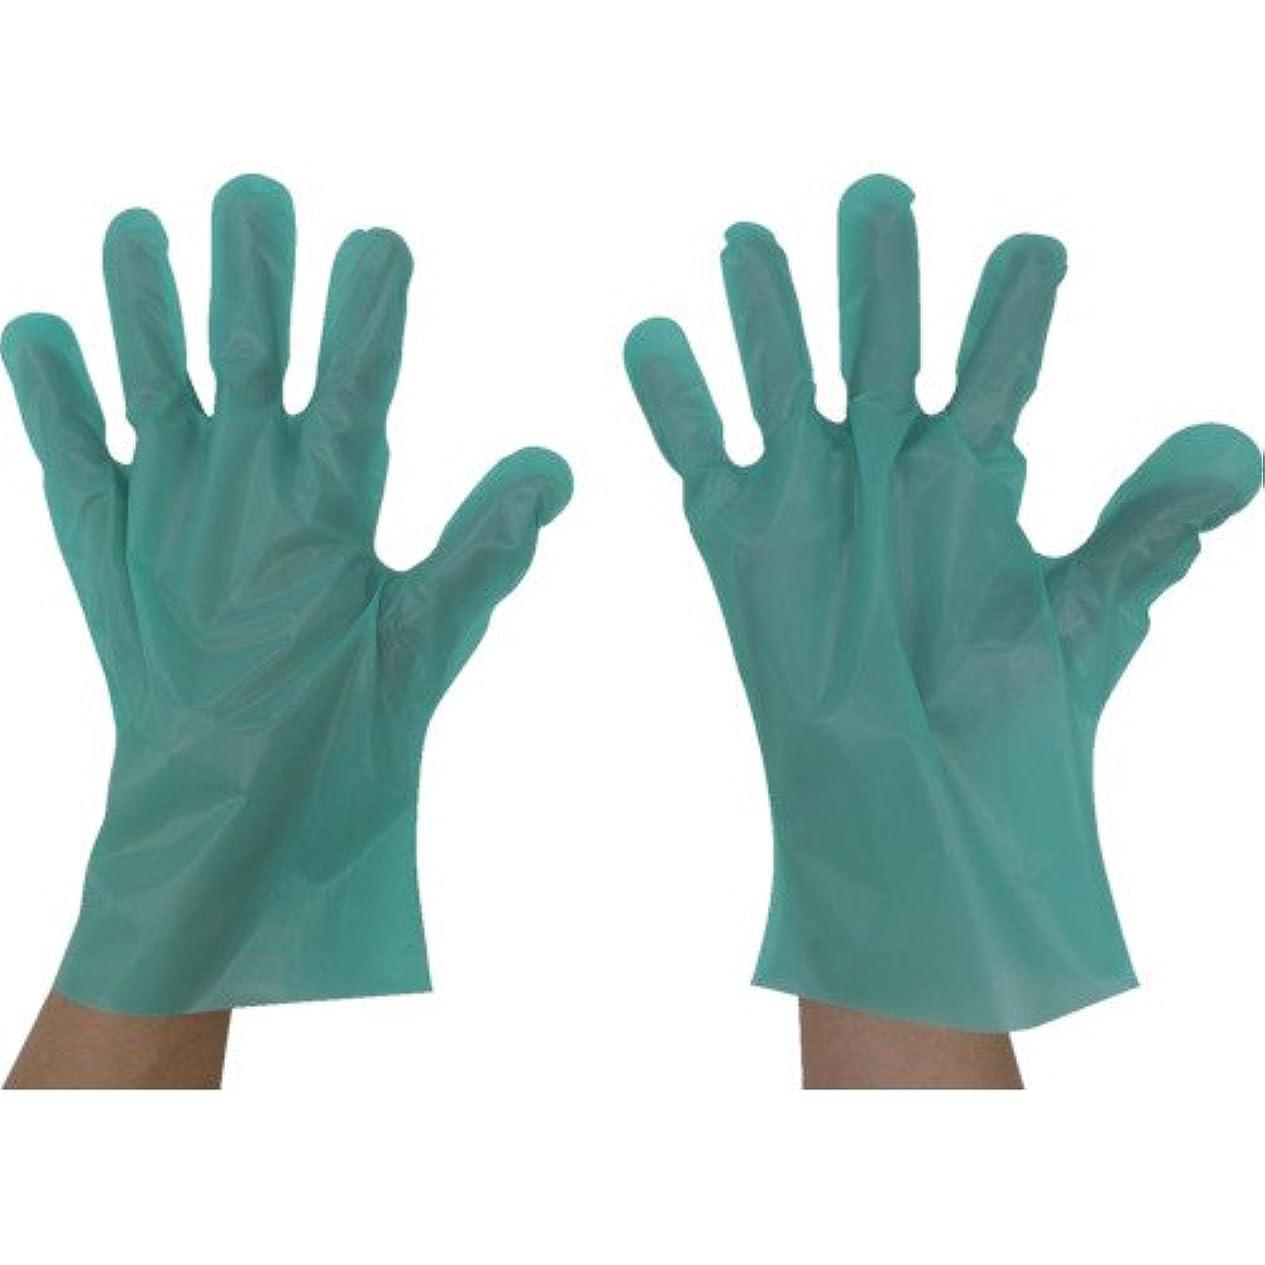 強化するセイはさておきセクション東京パック エンボス手袋五本絞りエコノミー化粧箱M グリーン GEK-M